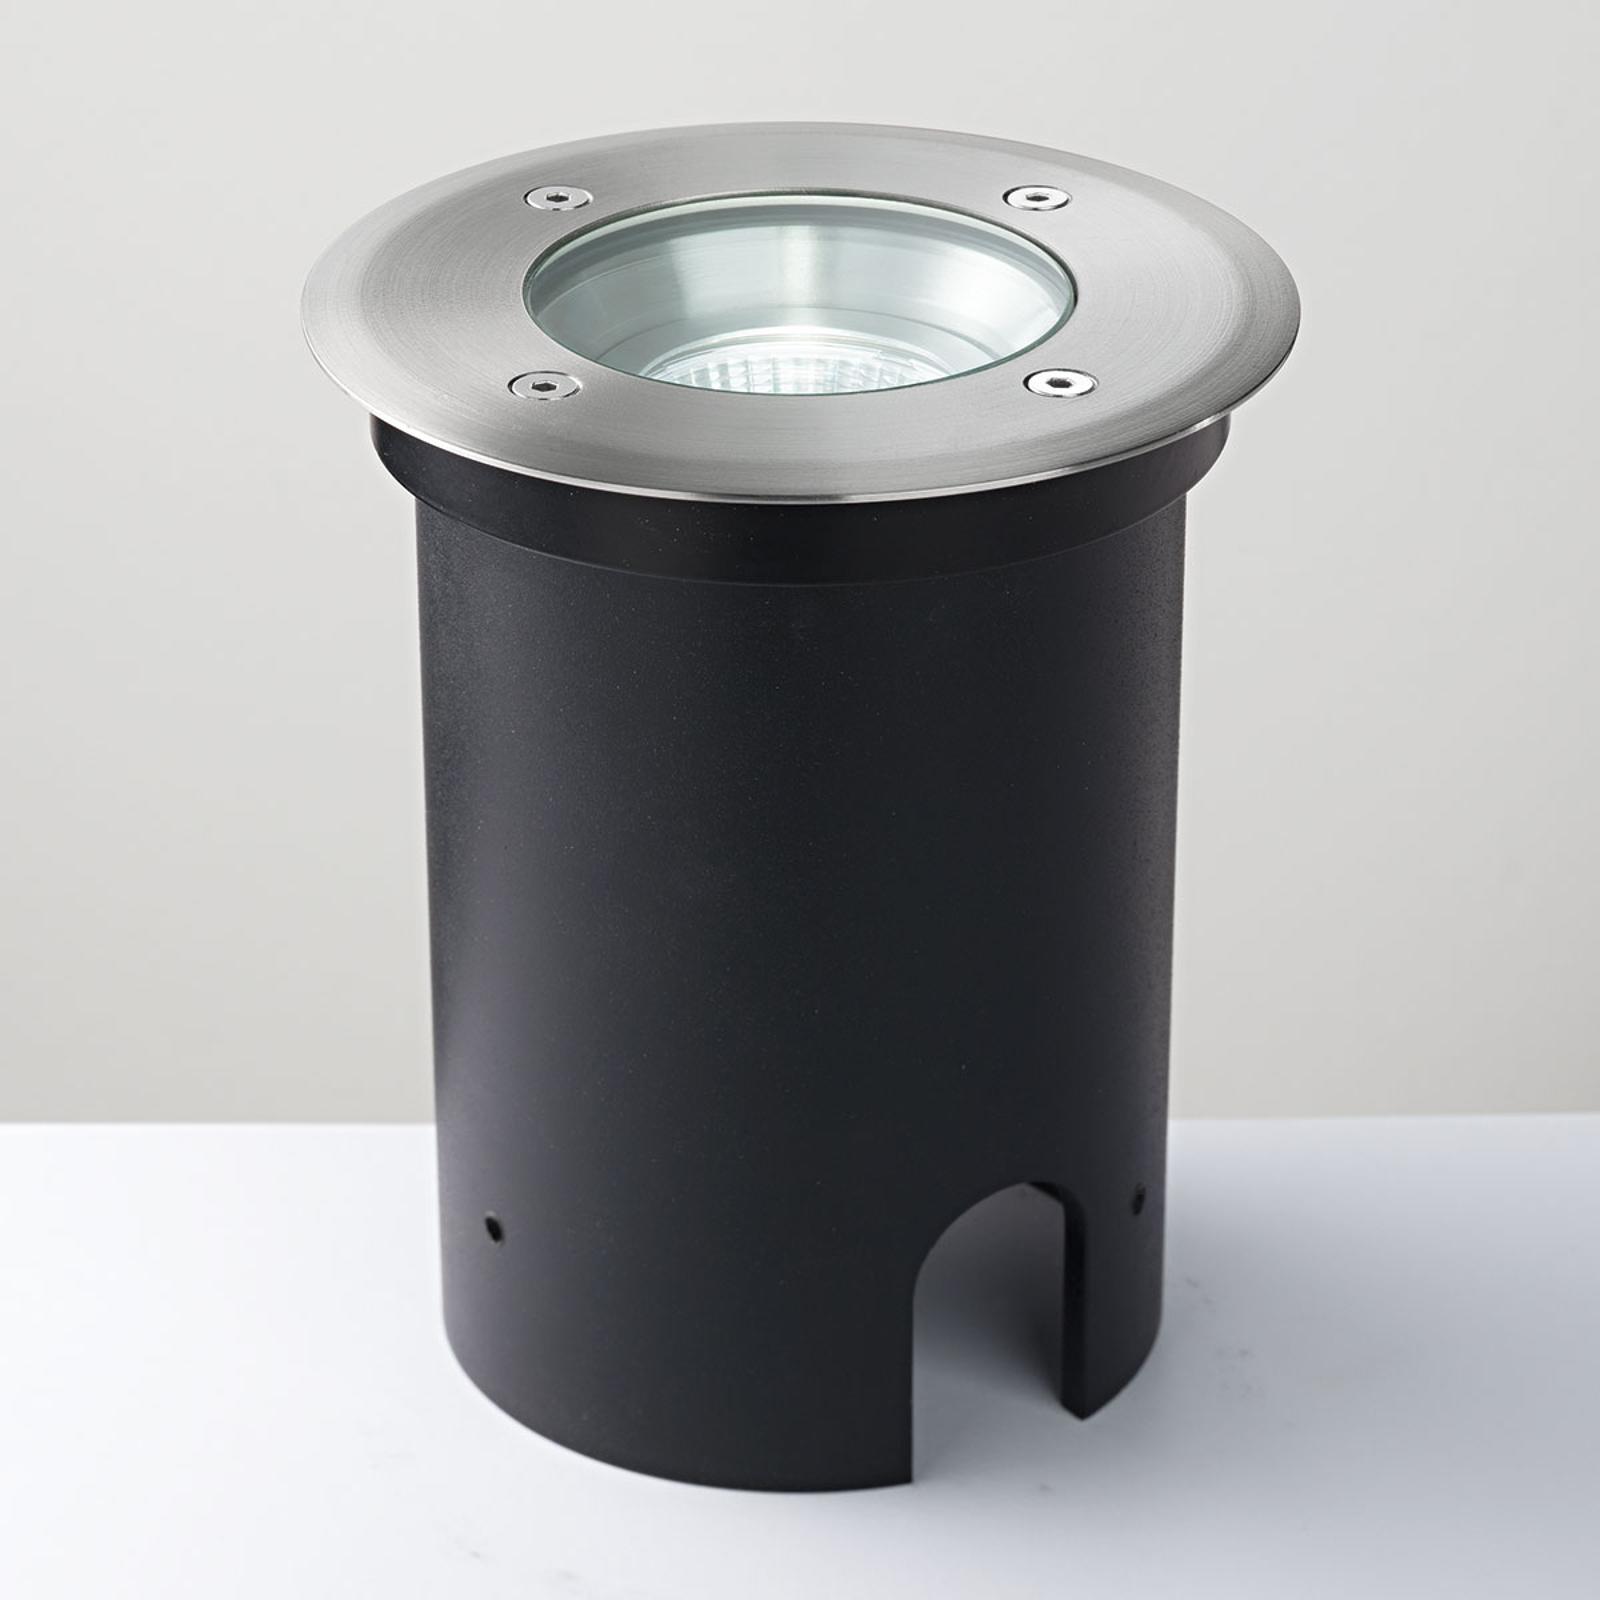 Podlahové zapustené LED svietidlo Scotty 3, IP67_3023076_1